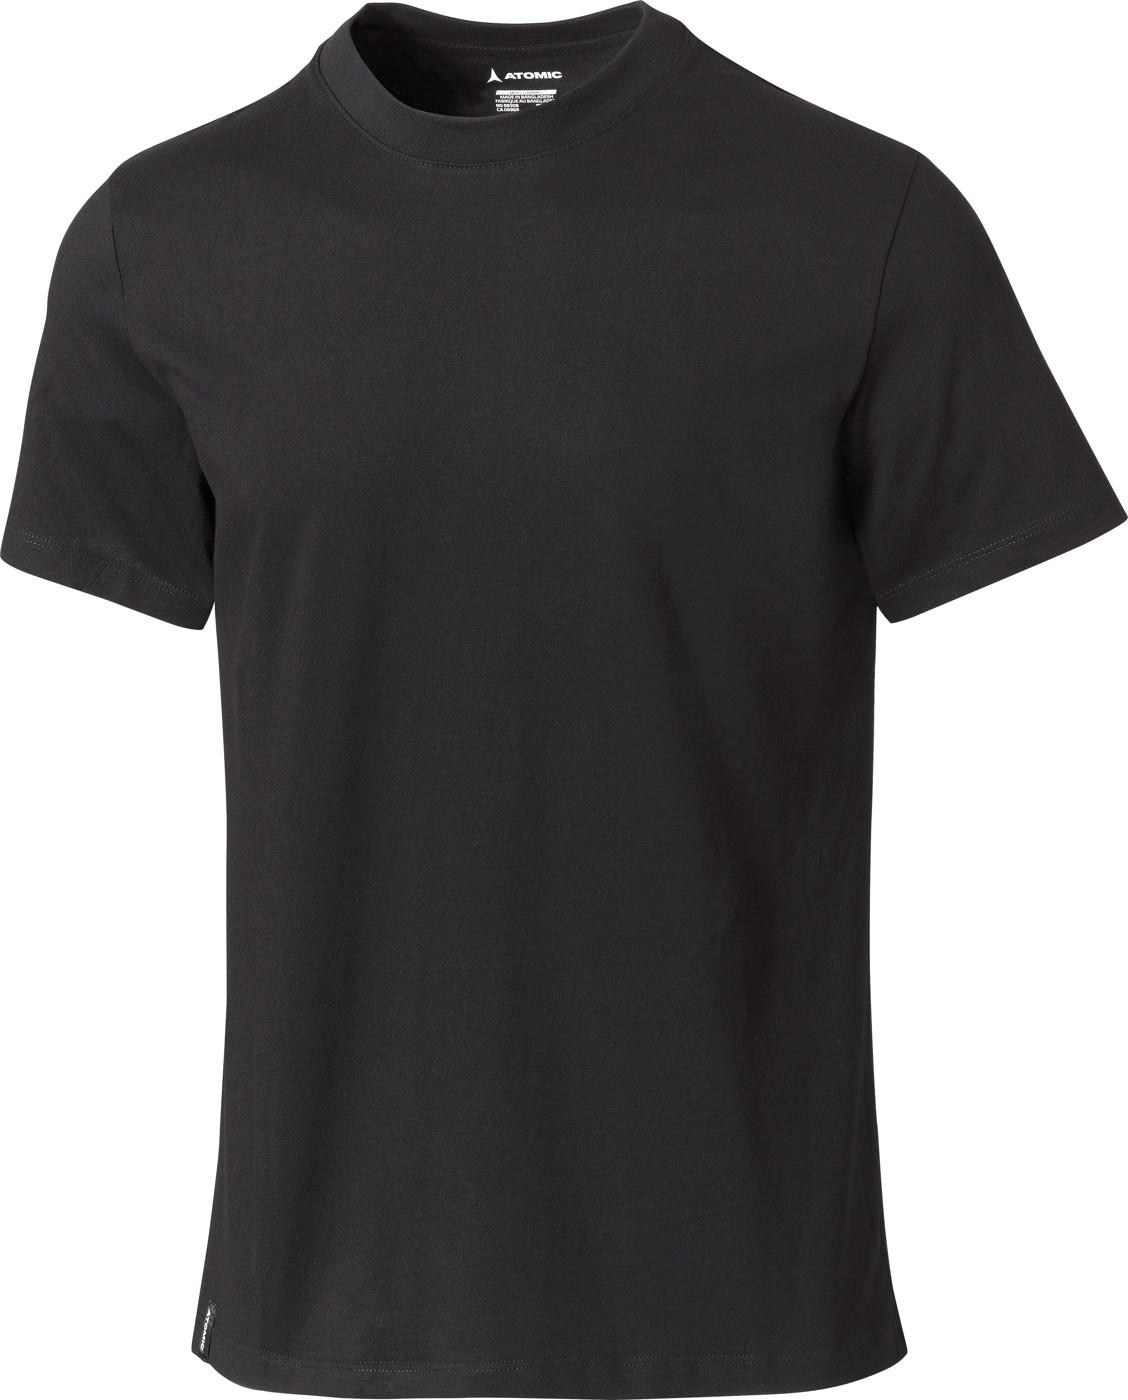 ATOMIC KEY INITIATIVE T-SHIRT Black XL - Herren